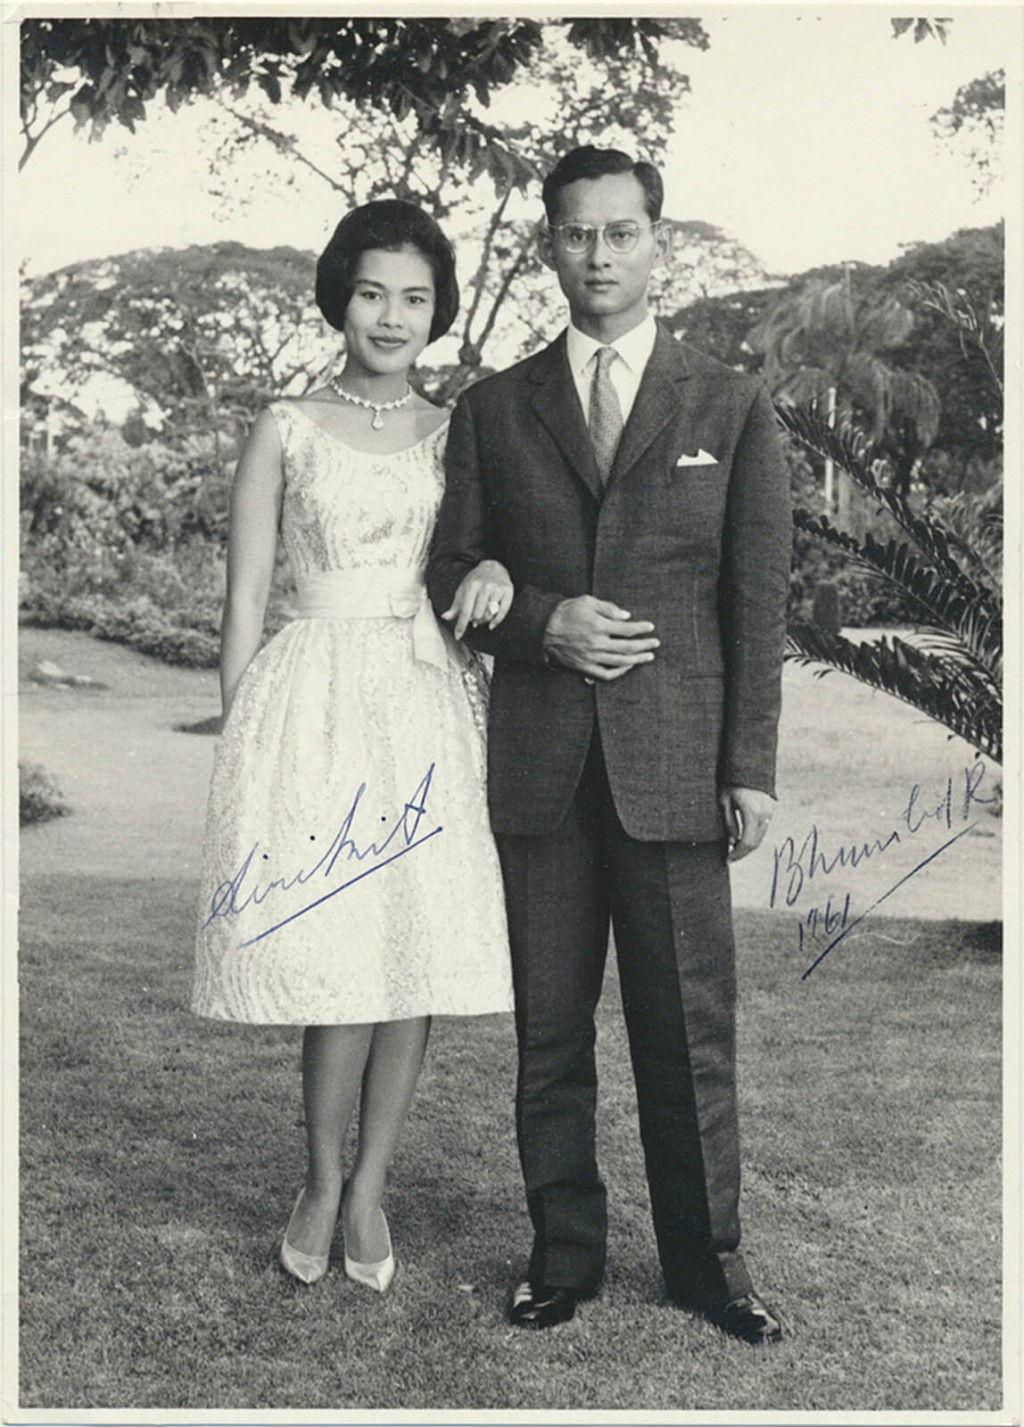 ศูนย์รวมใจของชาติ - พระราชวงศ์ไทย